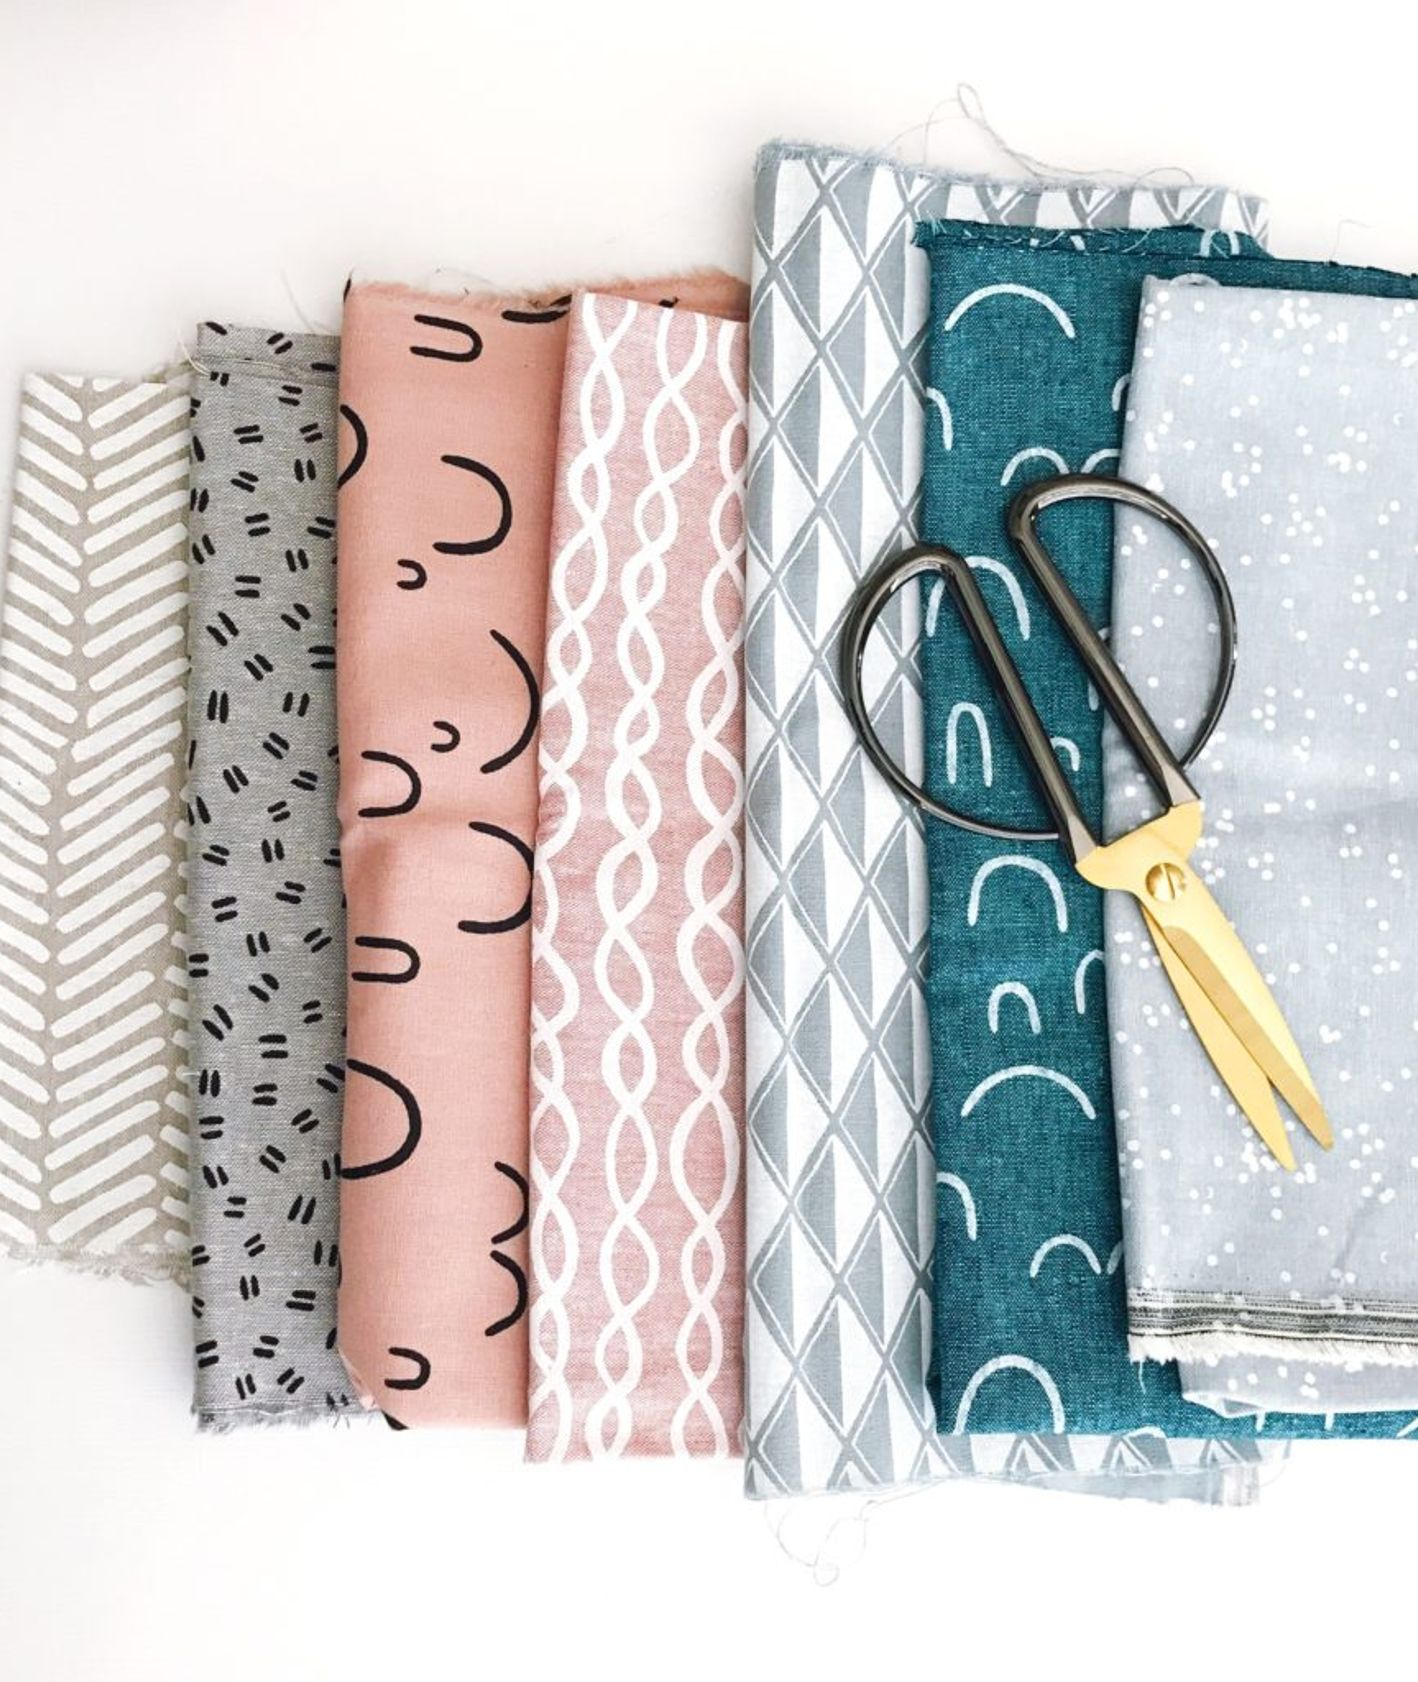 materiały, tkaniny, nożyczki